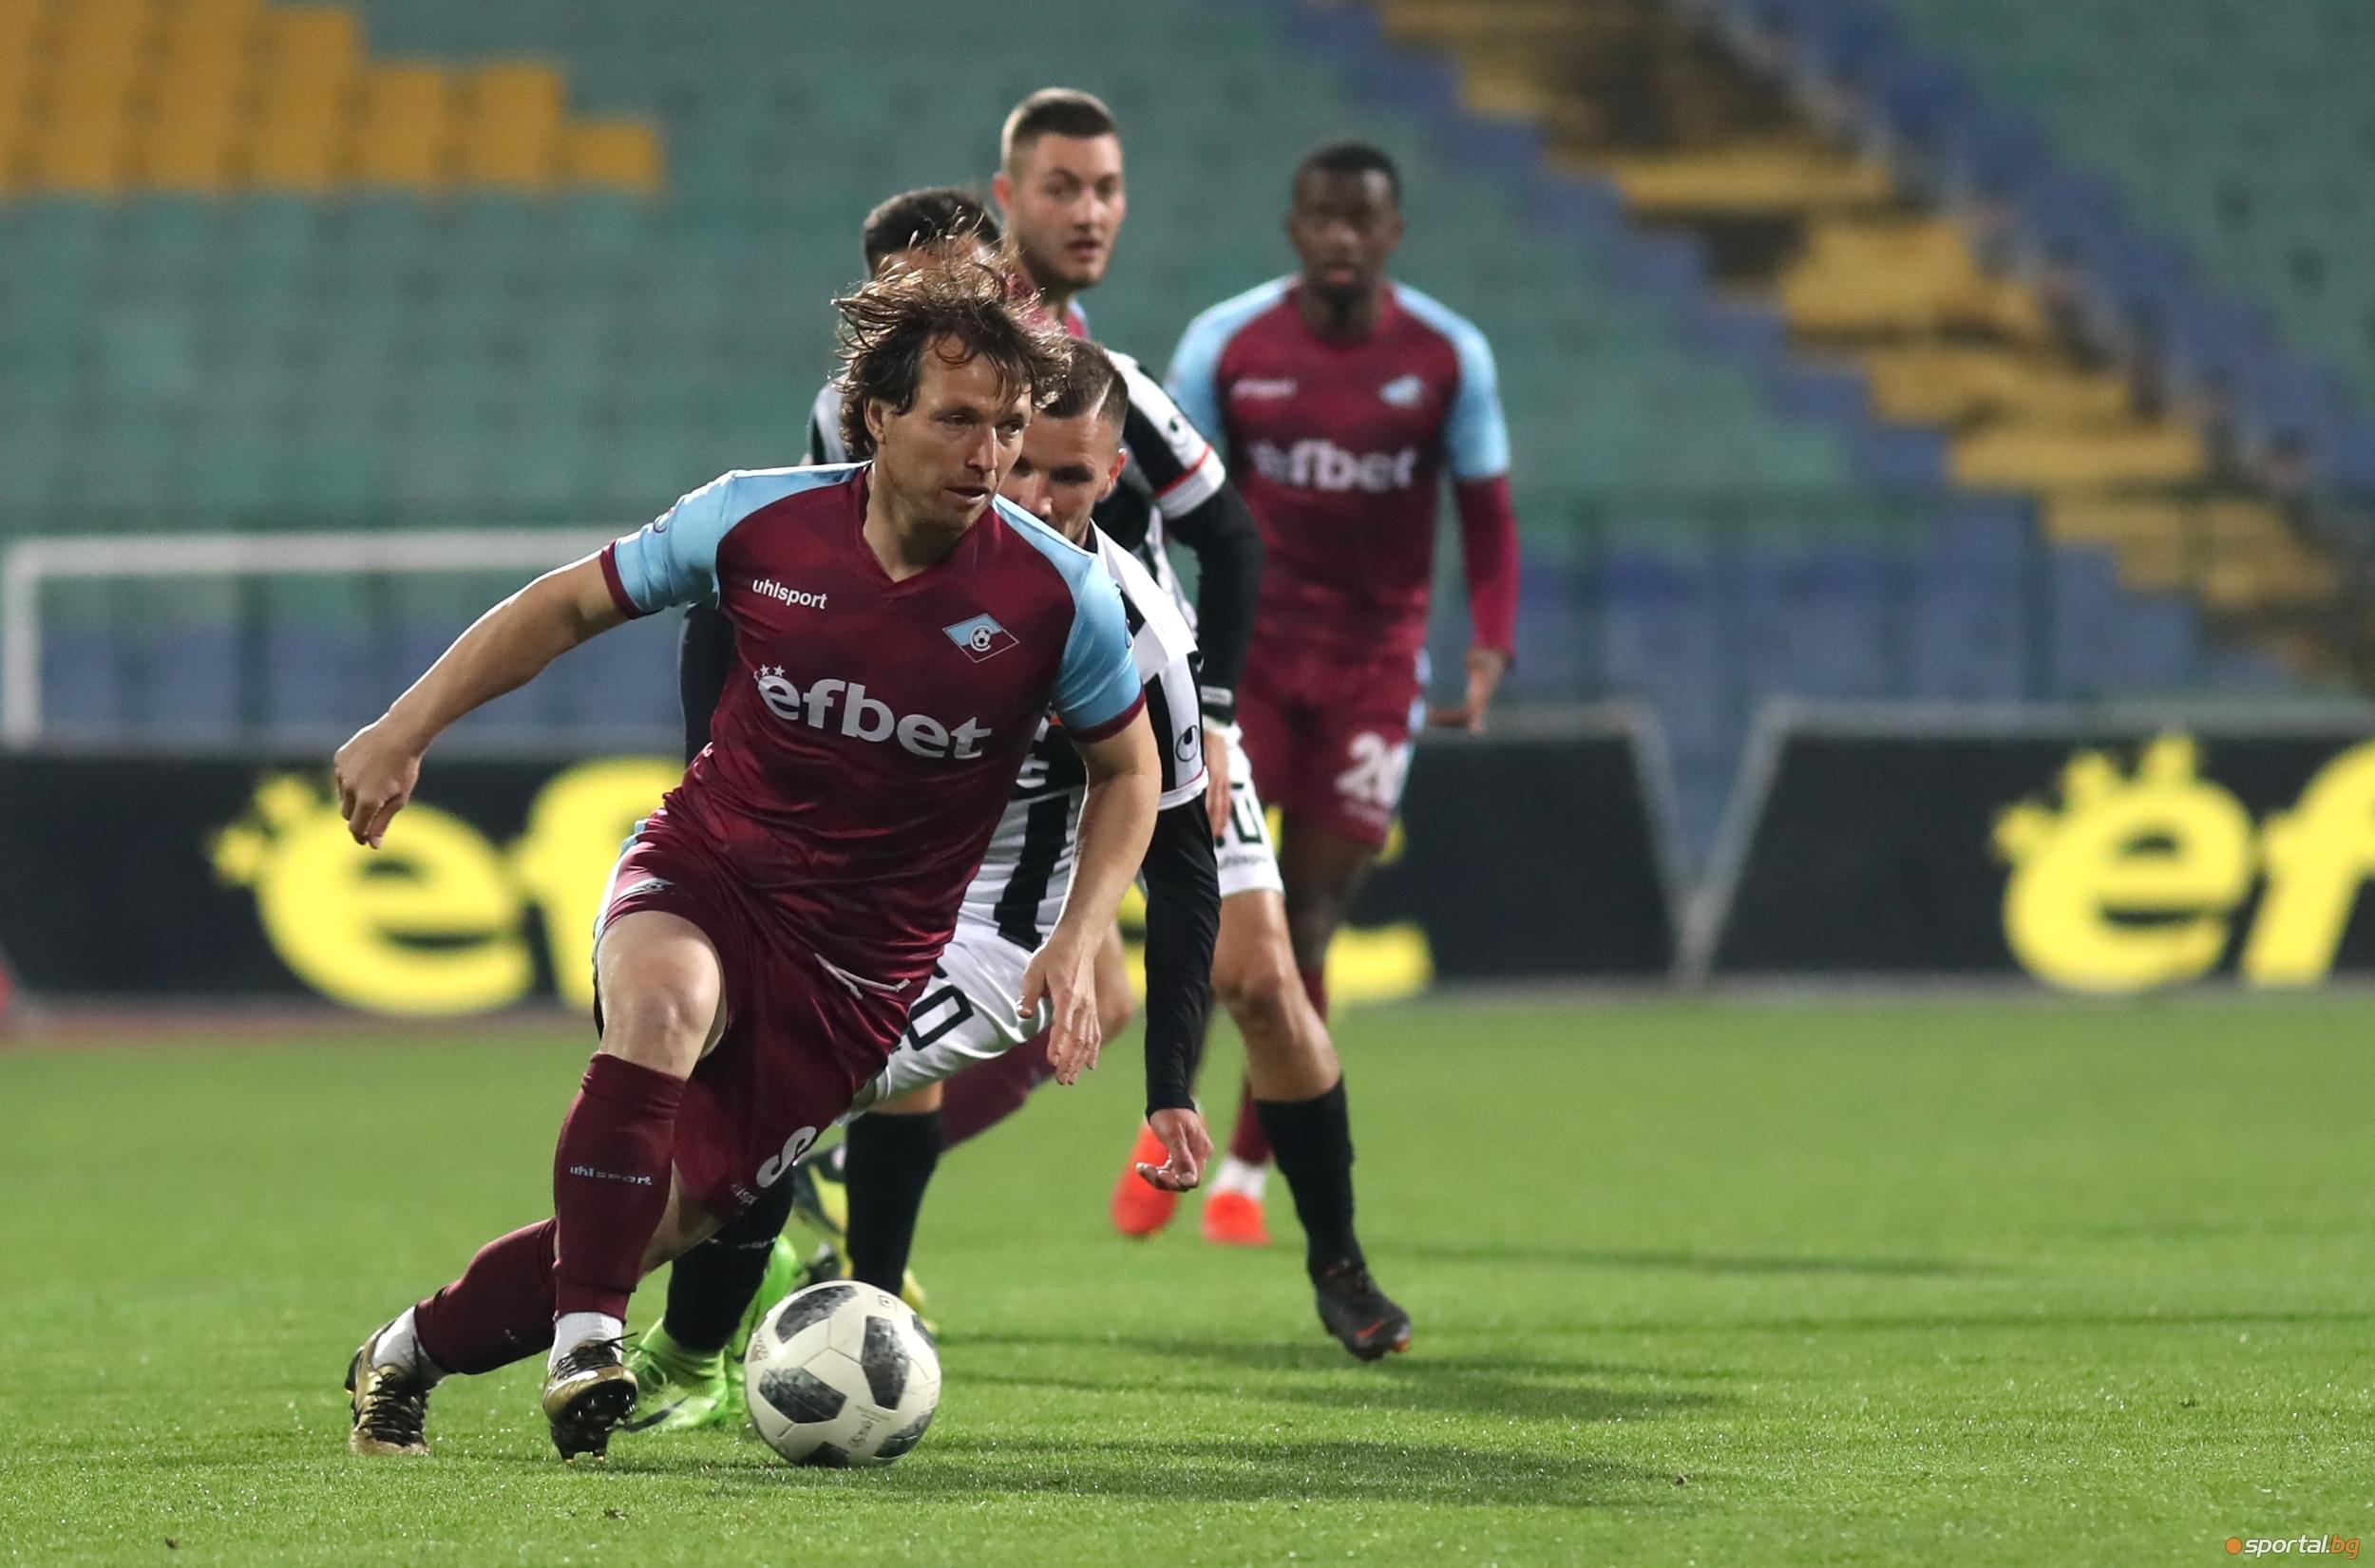 Снимка: Галчев: Ако бяхме вкарали 1-2 бързи гола, щеше да стане интересно